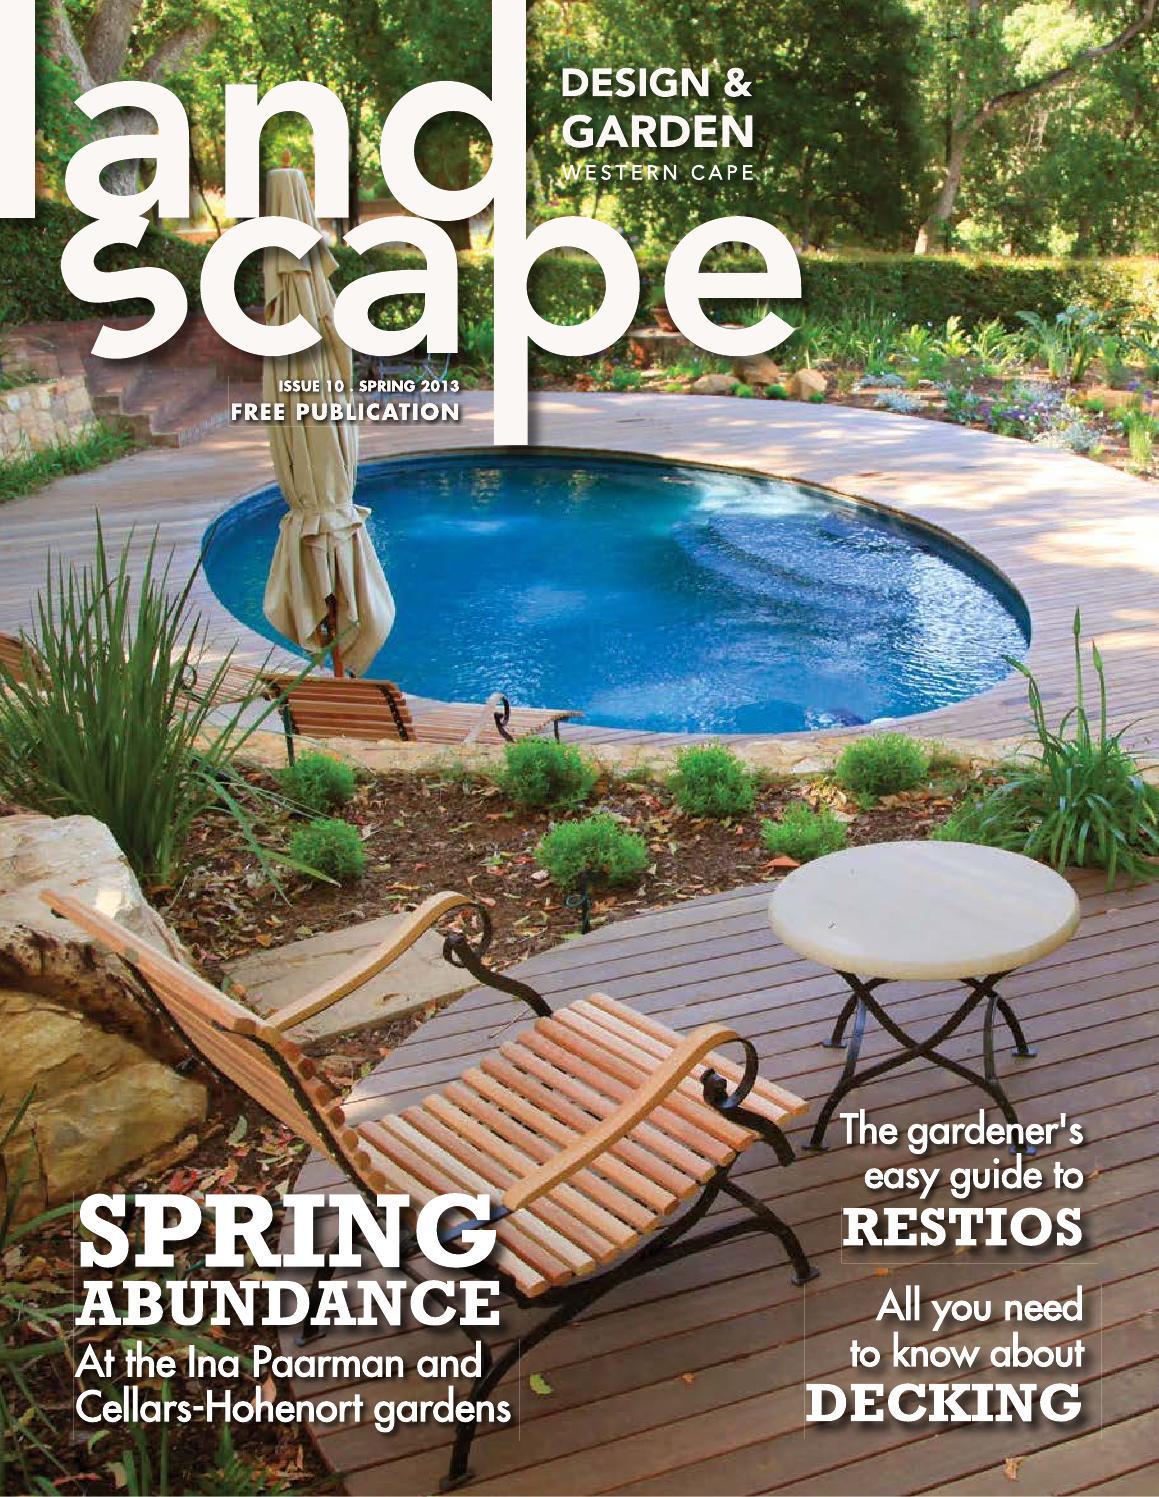 Landscape Design And Garden   Spring 2013 By Landscape Design And Garden  Magazine   Issuu